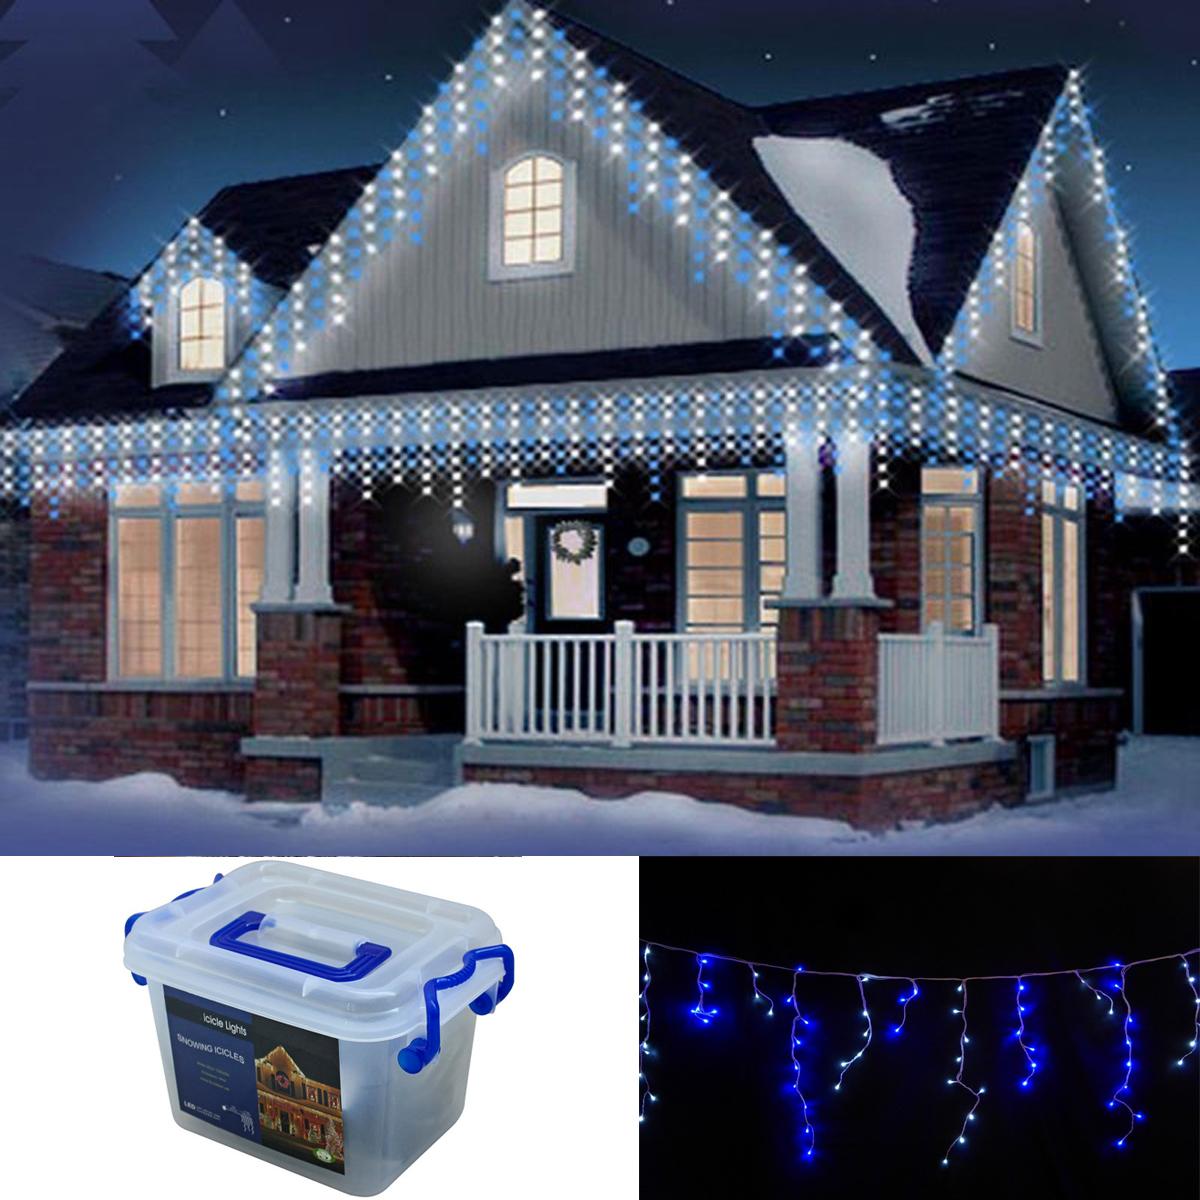 Christmas 960 Whiteblue White Icicle Led Xmas Snowing Lights